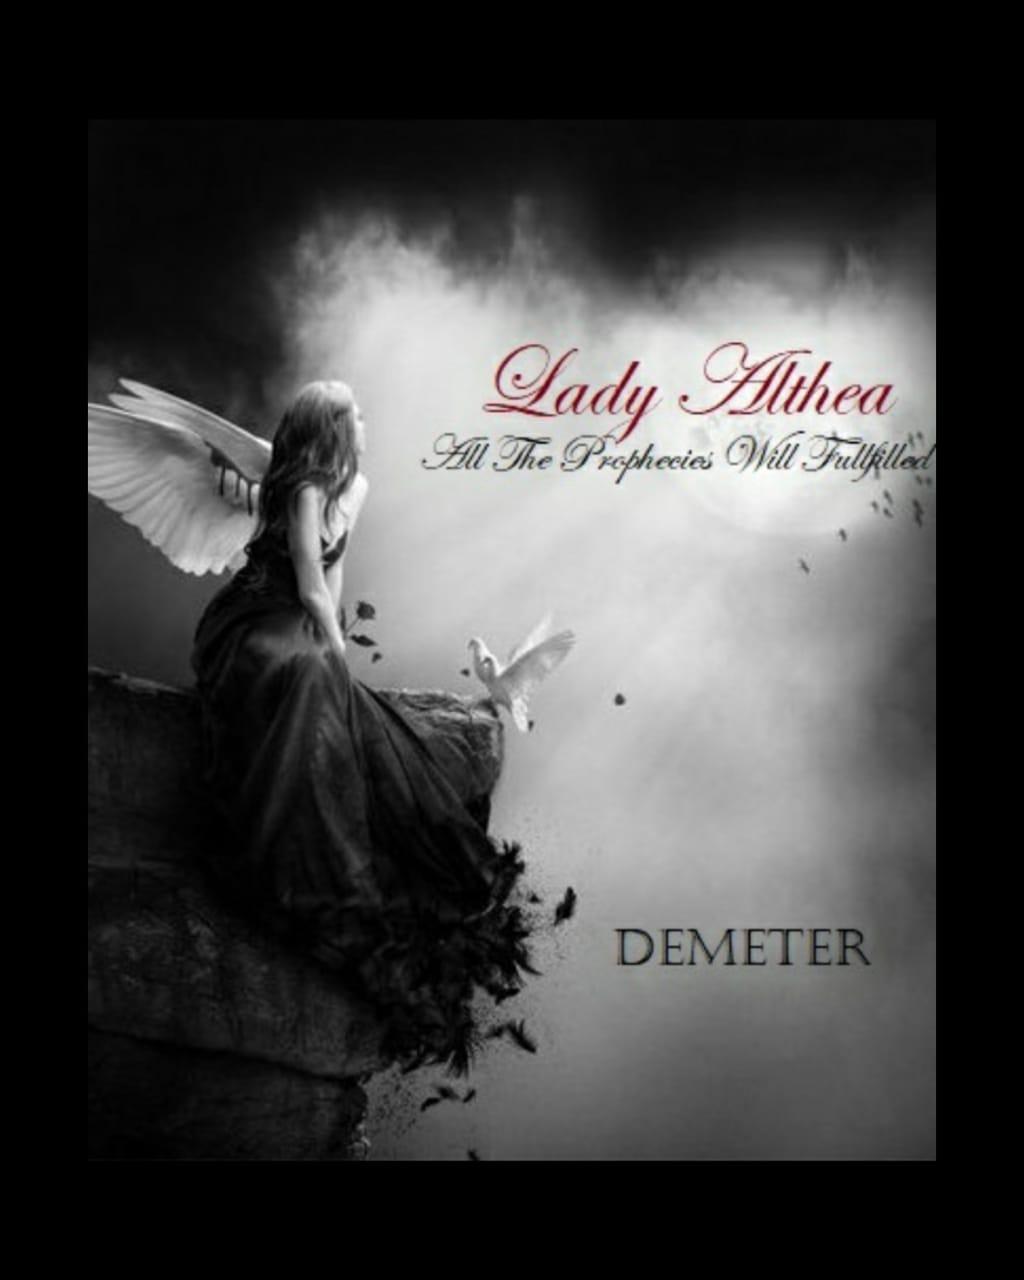 Lady Althea